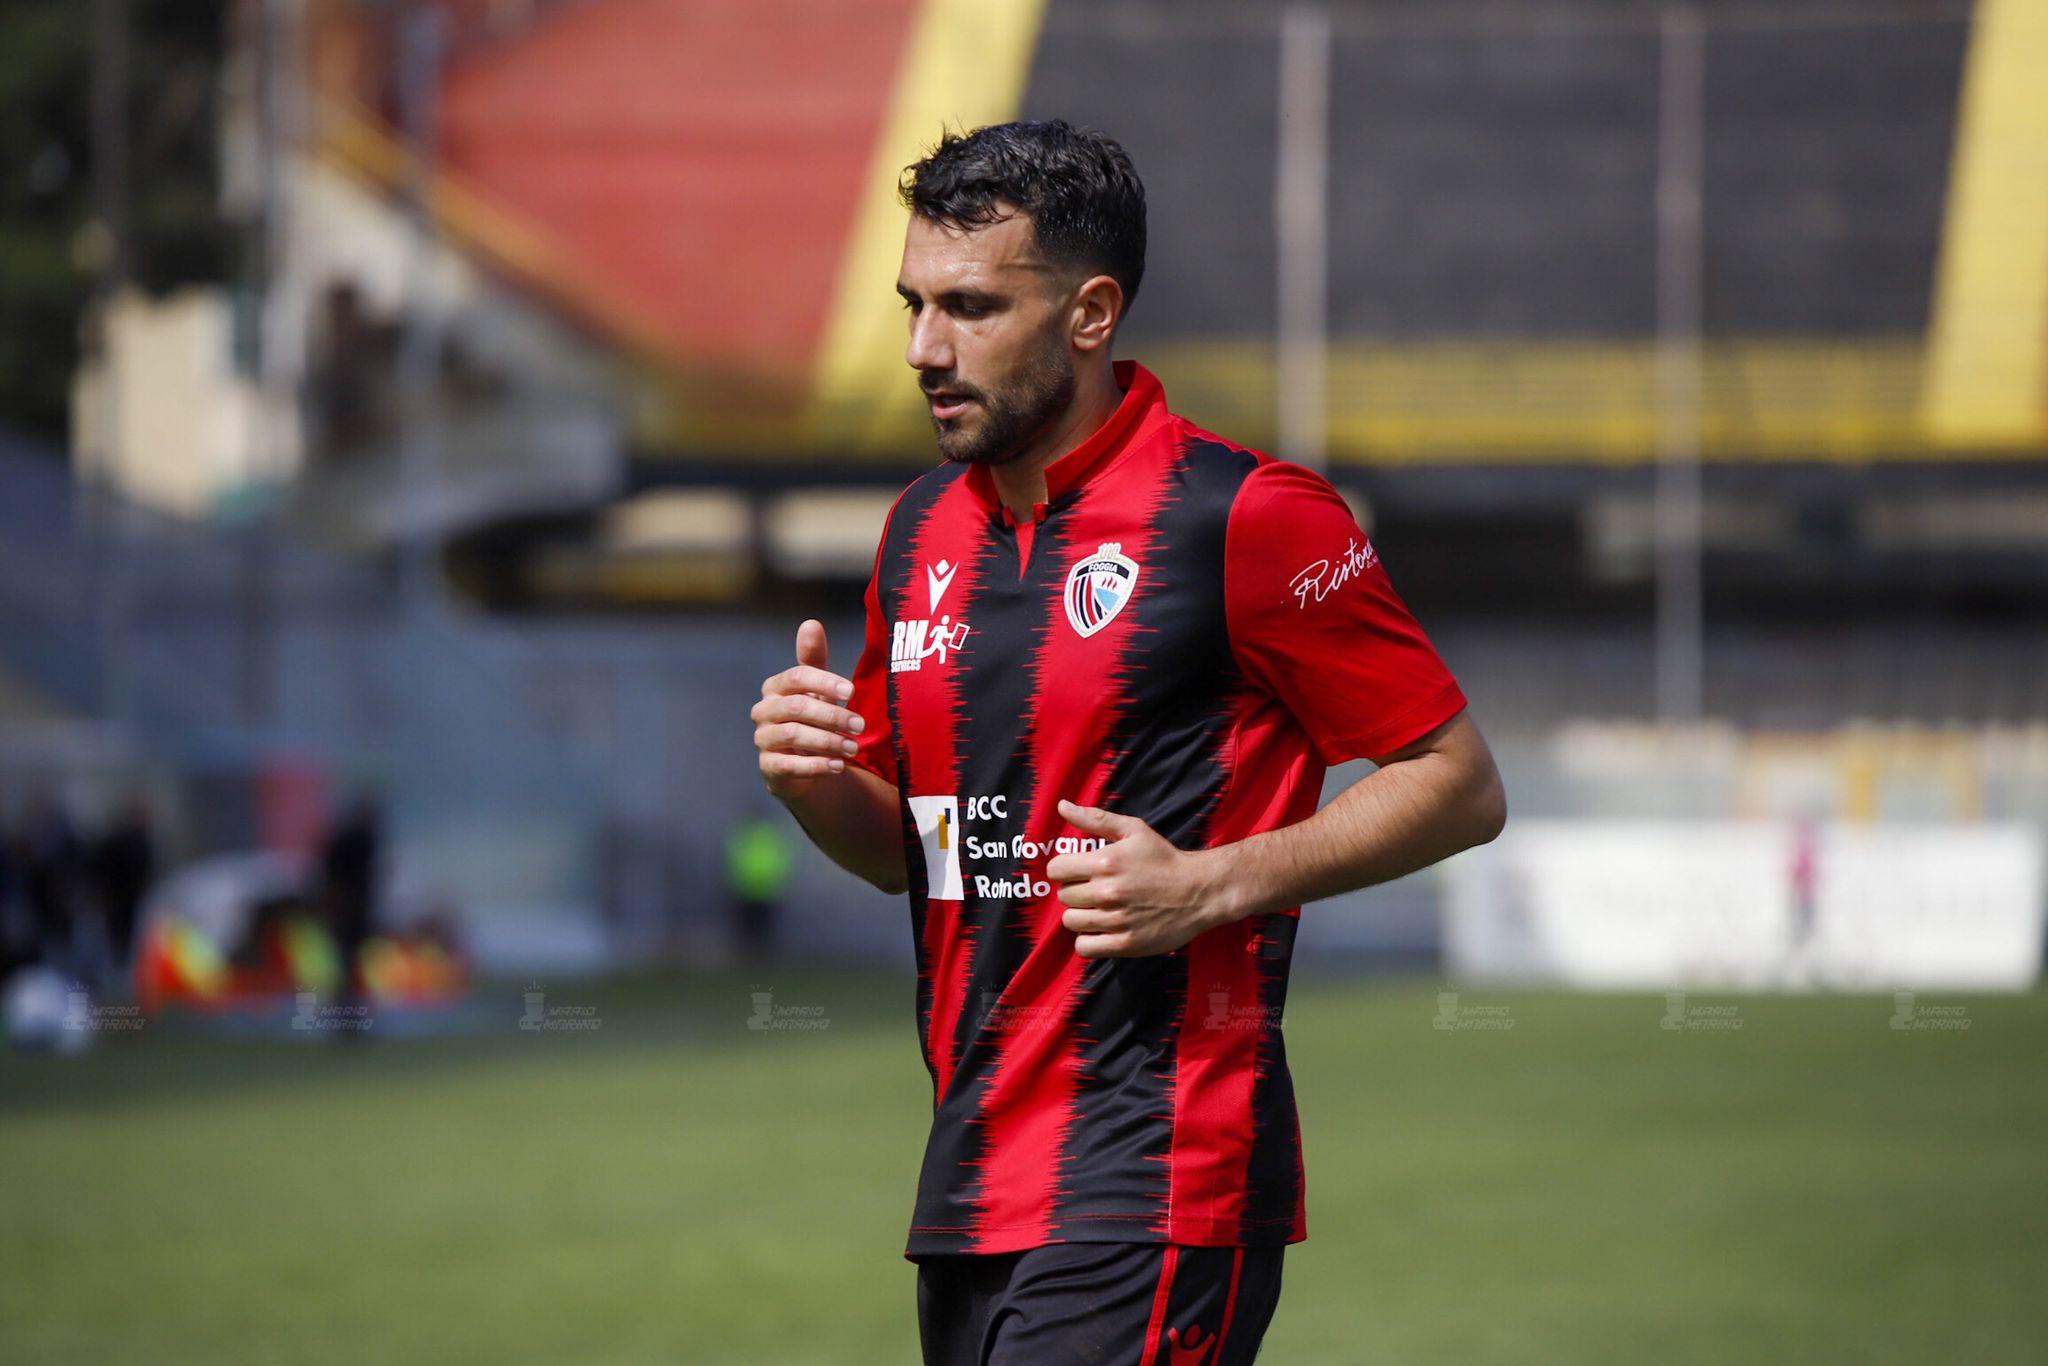 Alessio Curcio